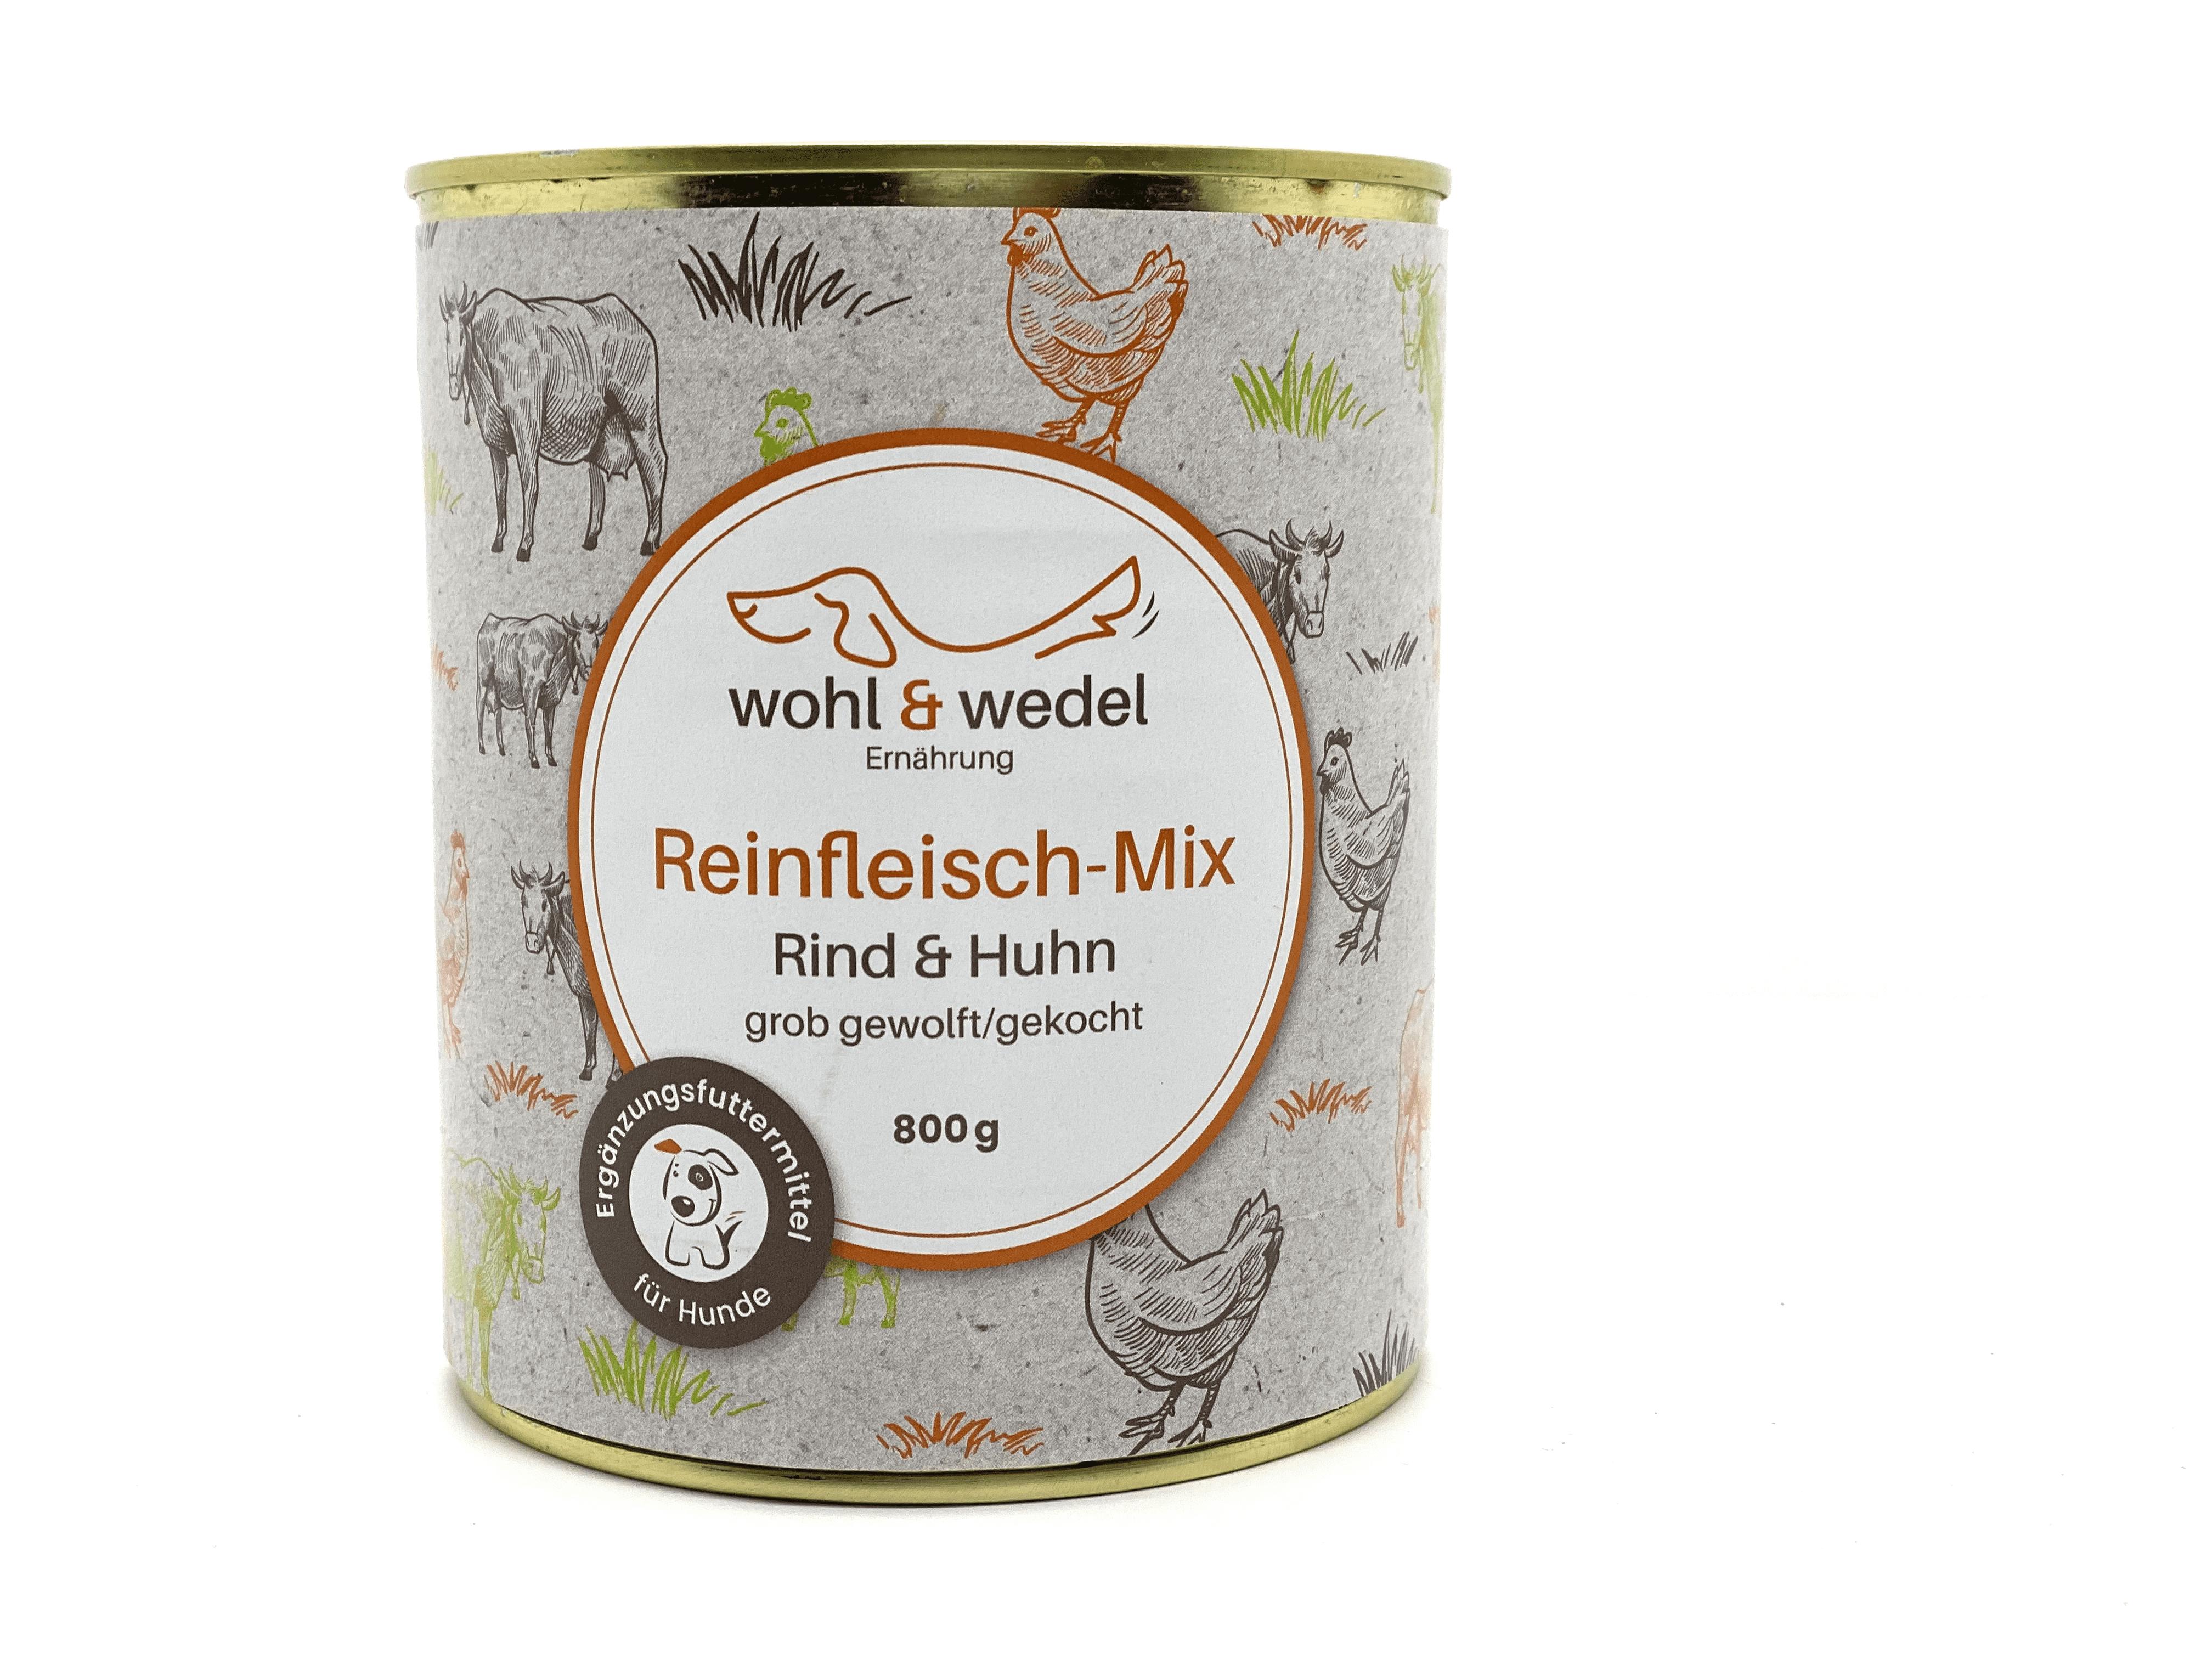 wohl & wedel Reinfleisch-Mix Rind/Huhn 800 g